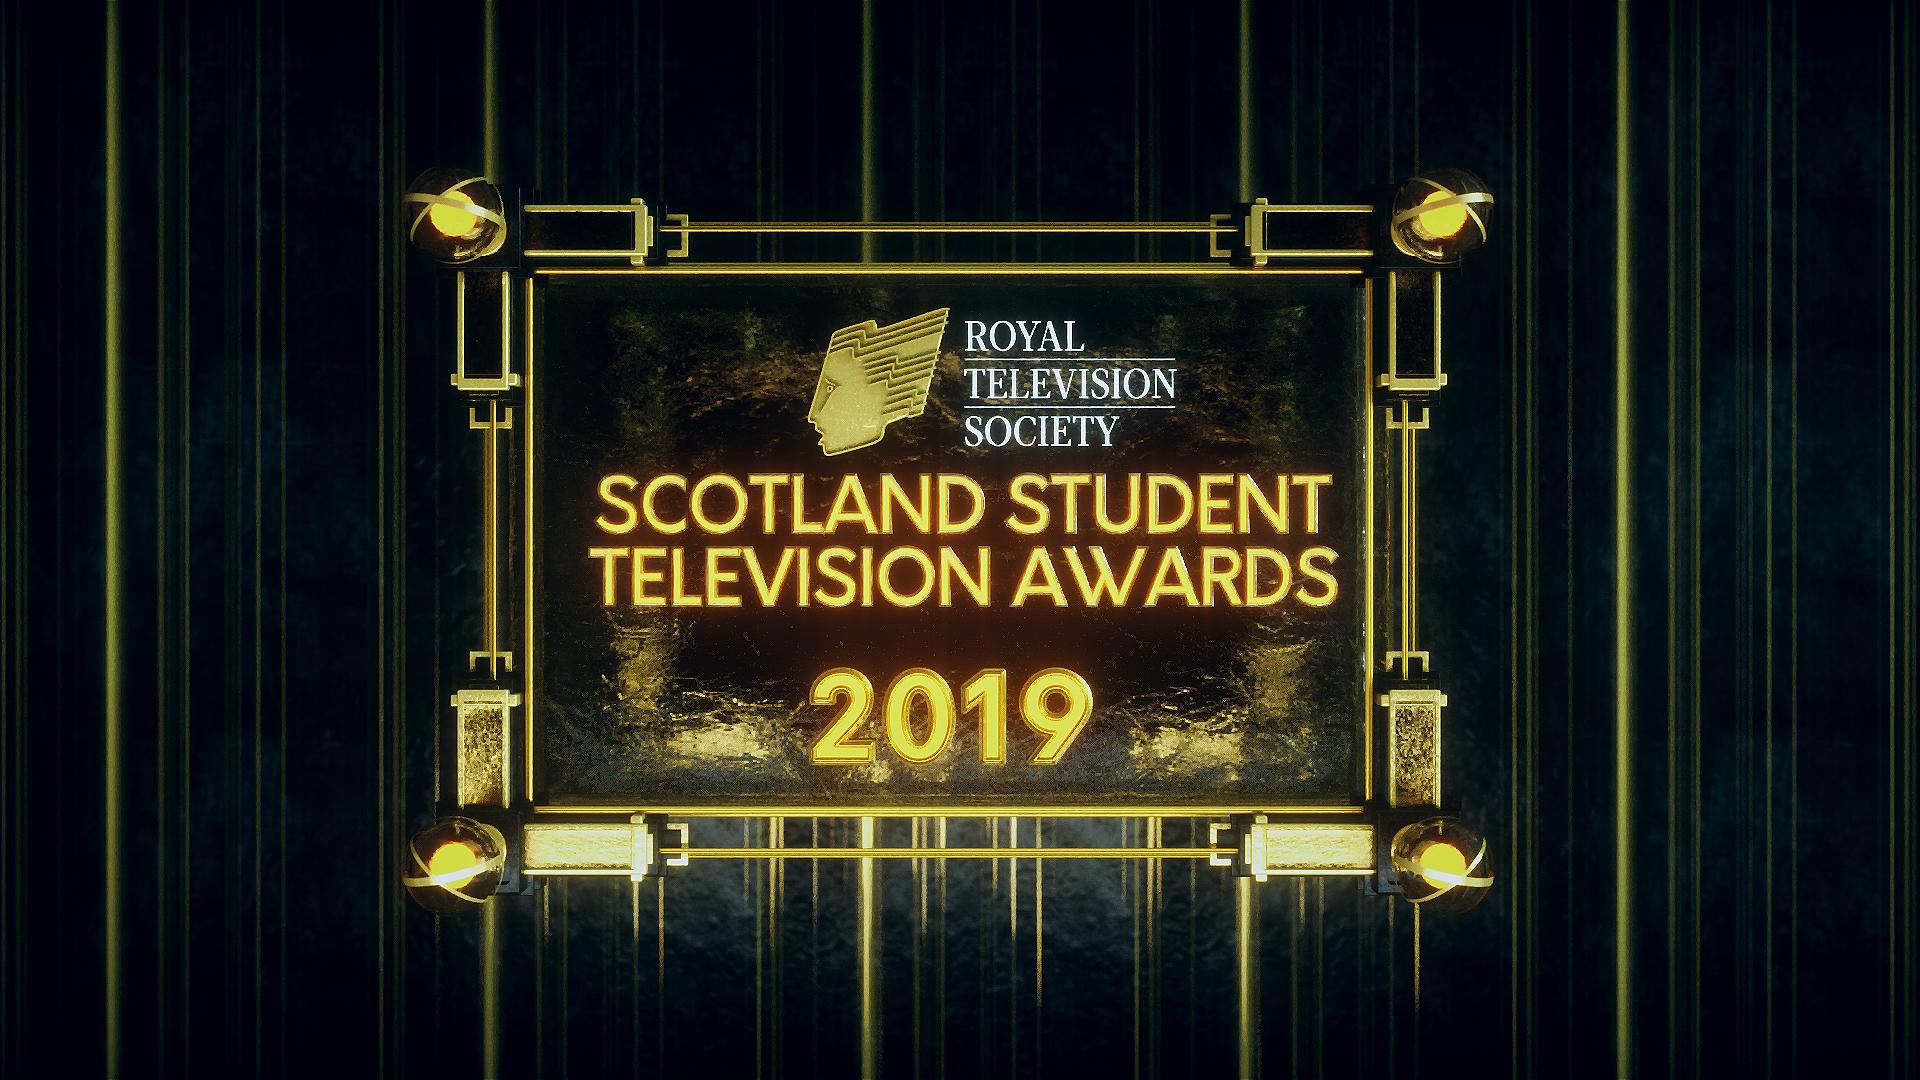 RTS Scotland Student Television Awards 2019 | Royal